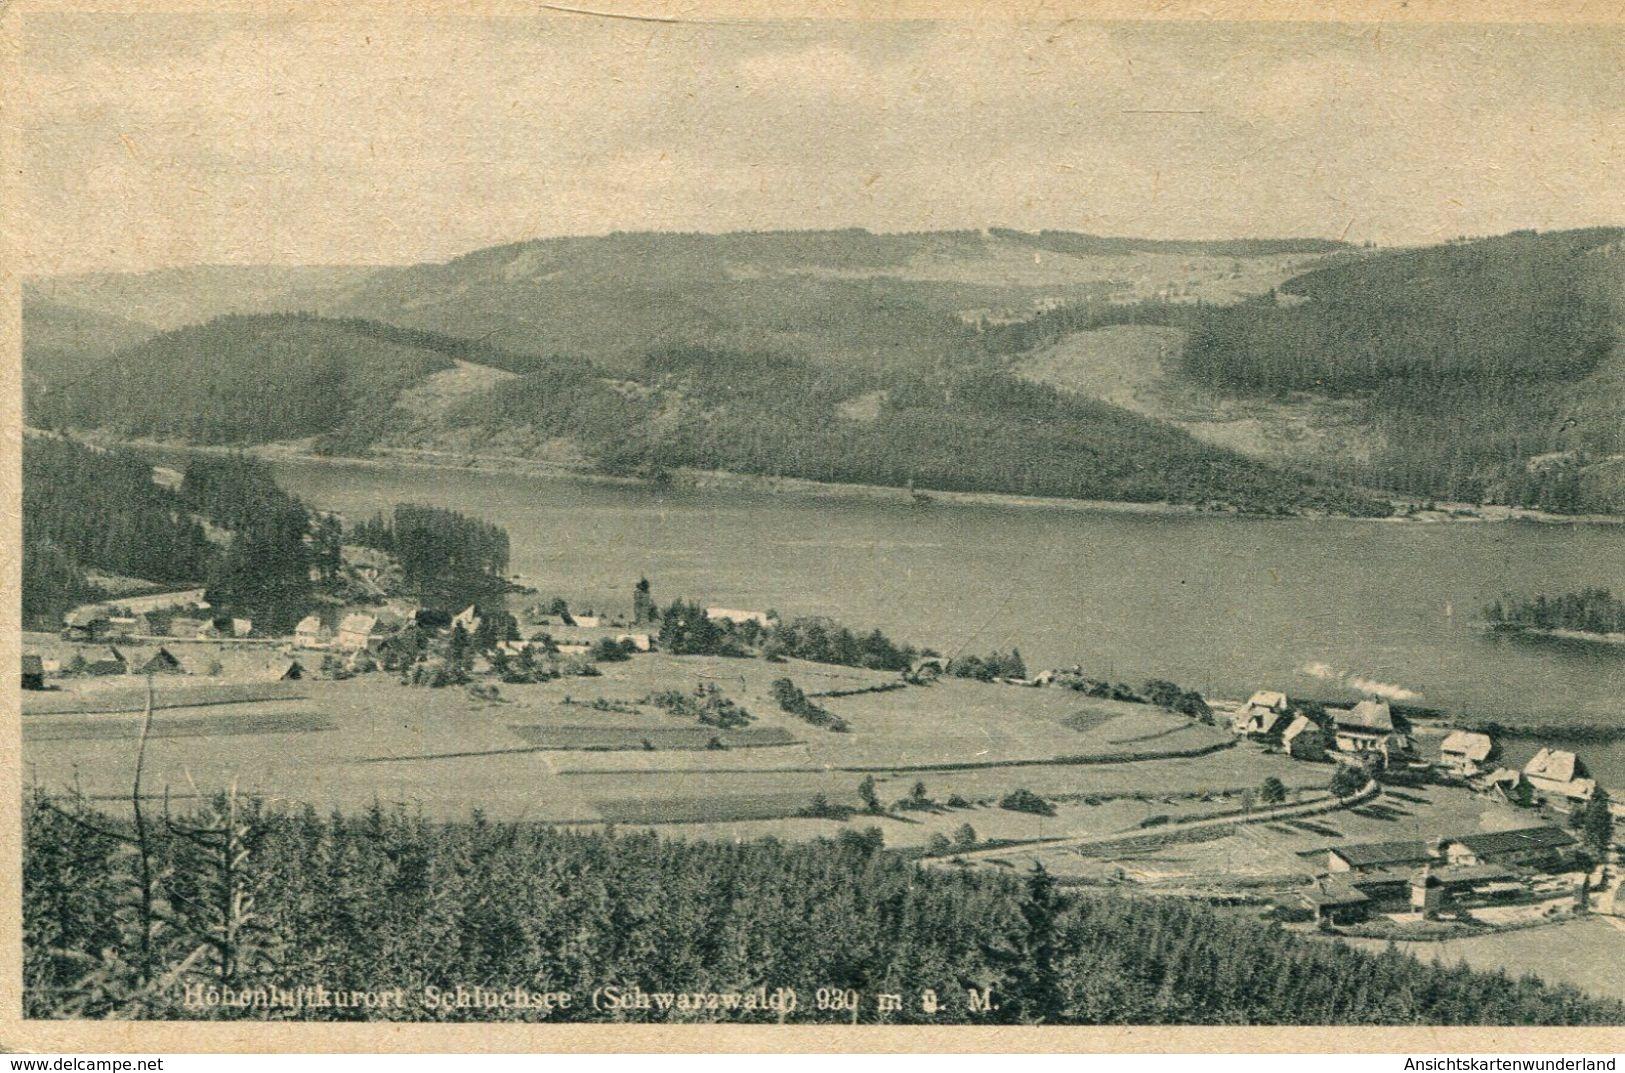 Höhenluftkurort Schluchsee Gesamtansicht (001314) - Schluchsee